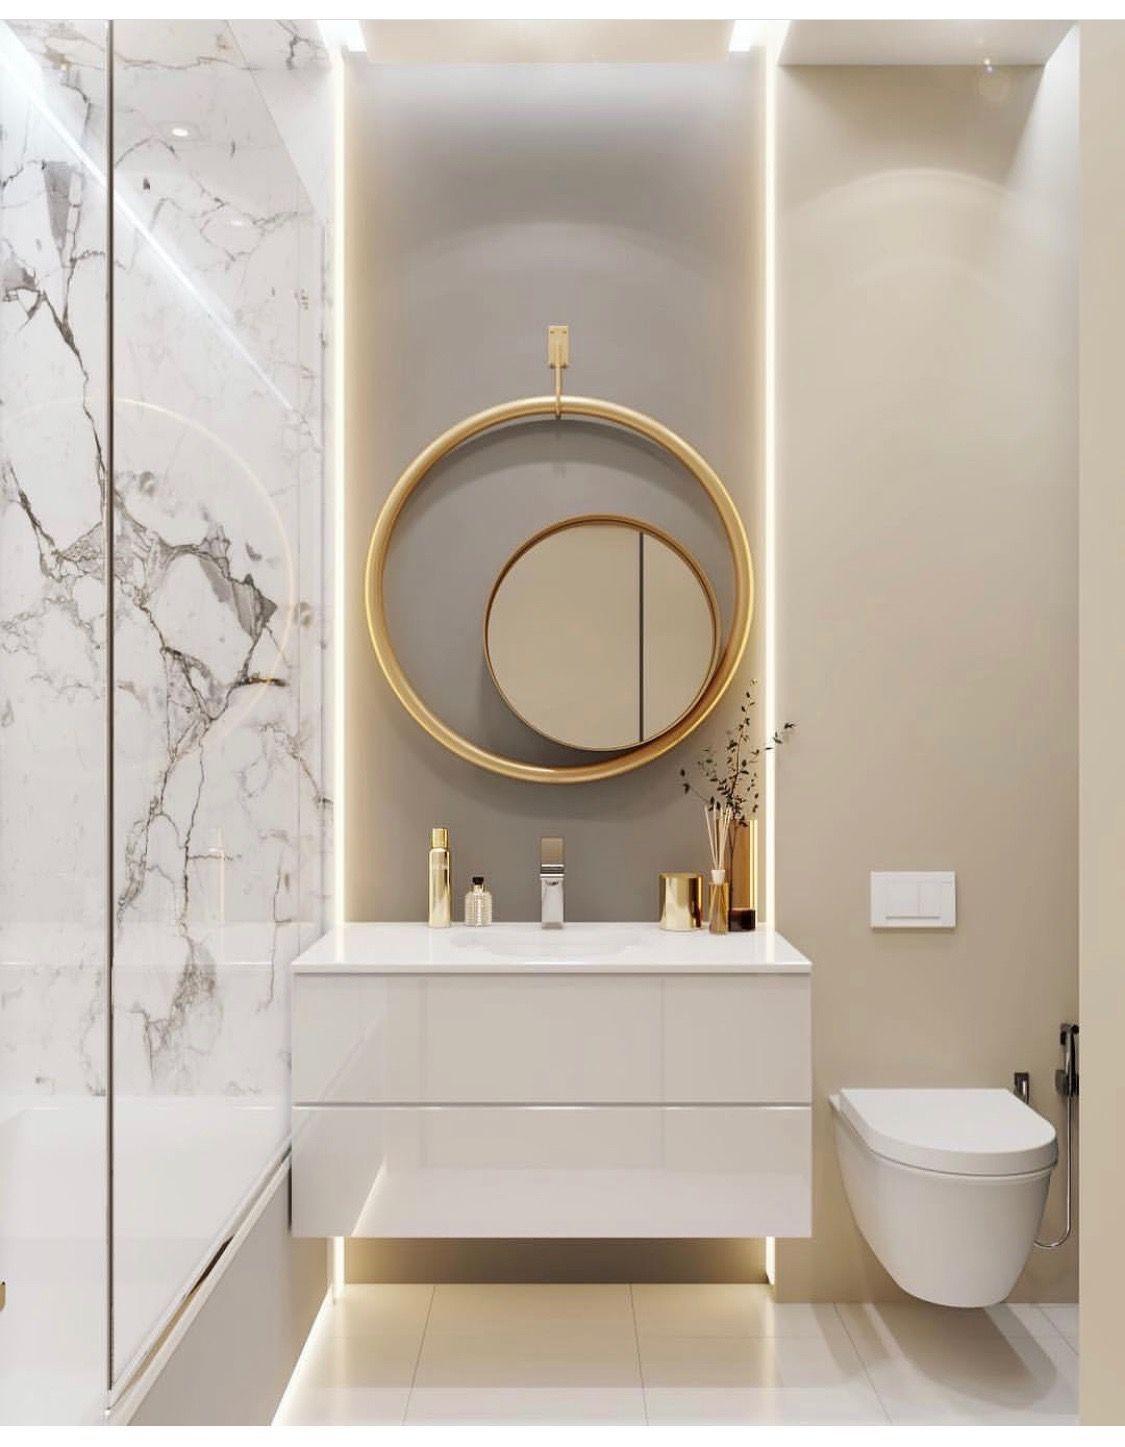 Katalog | Luxxu | Modernes Design und Wohnen